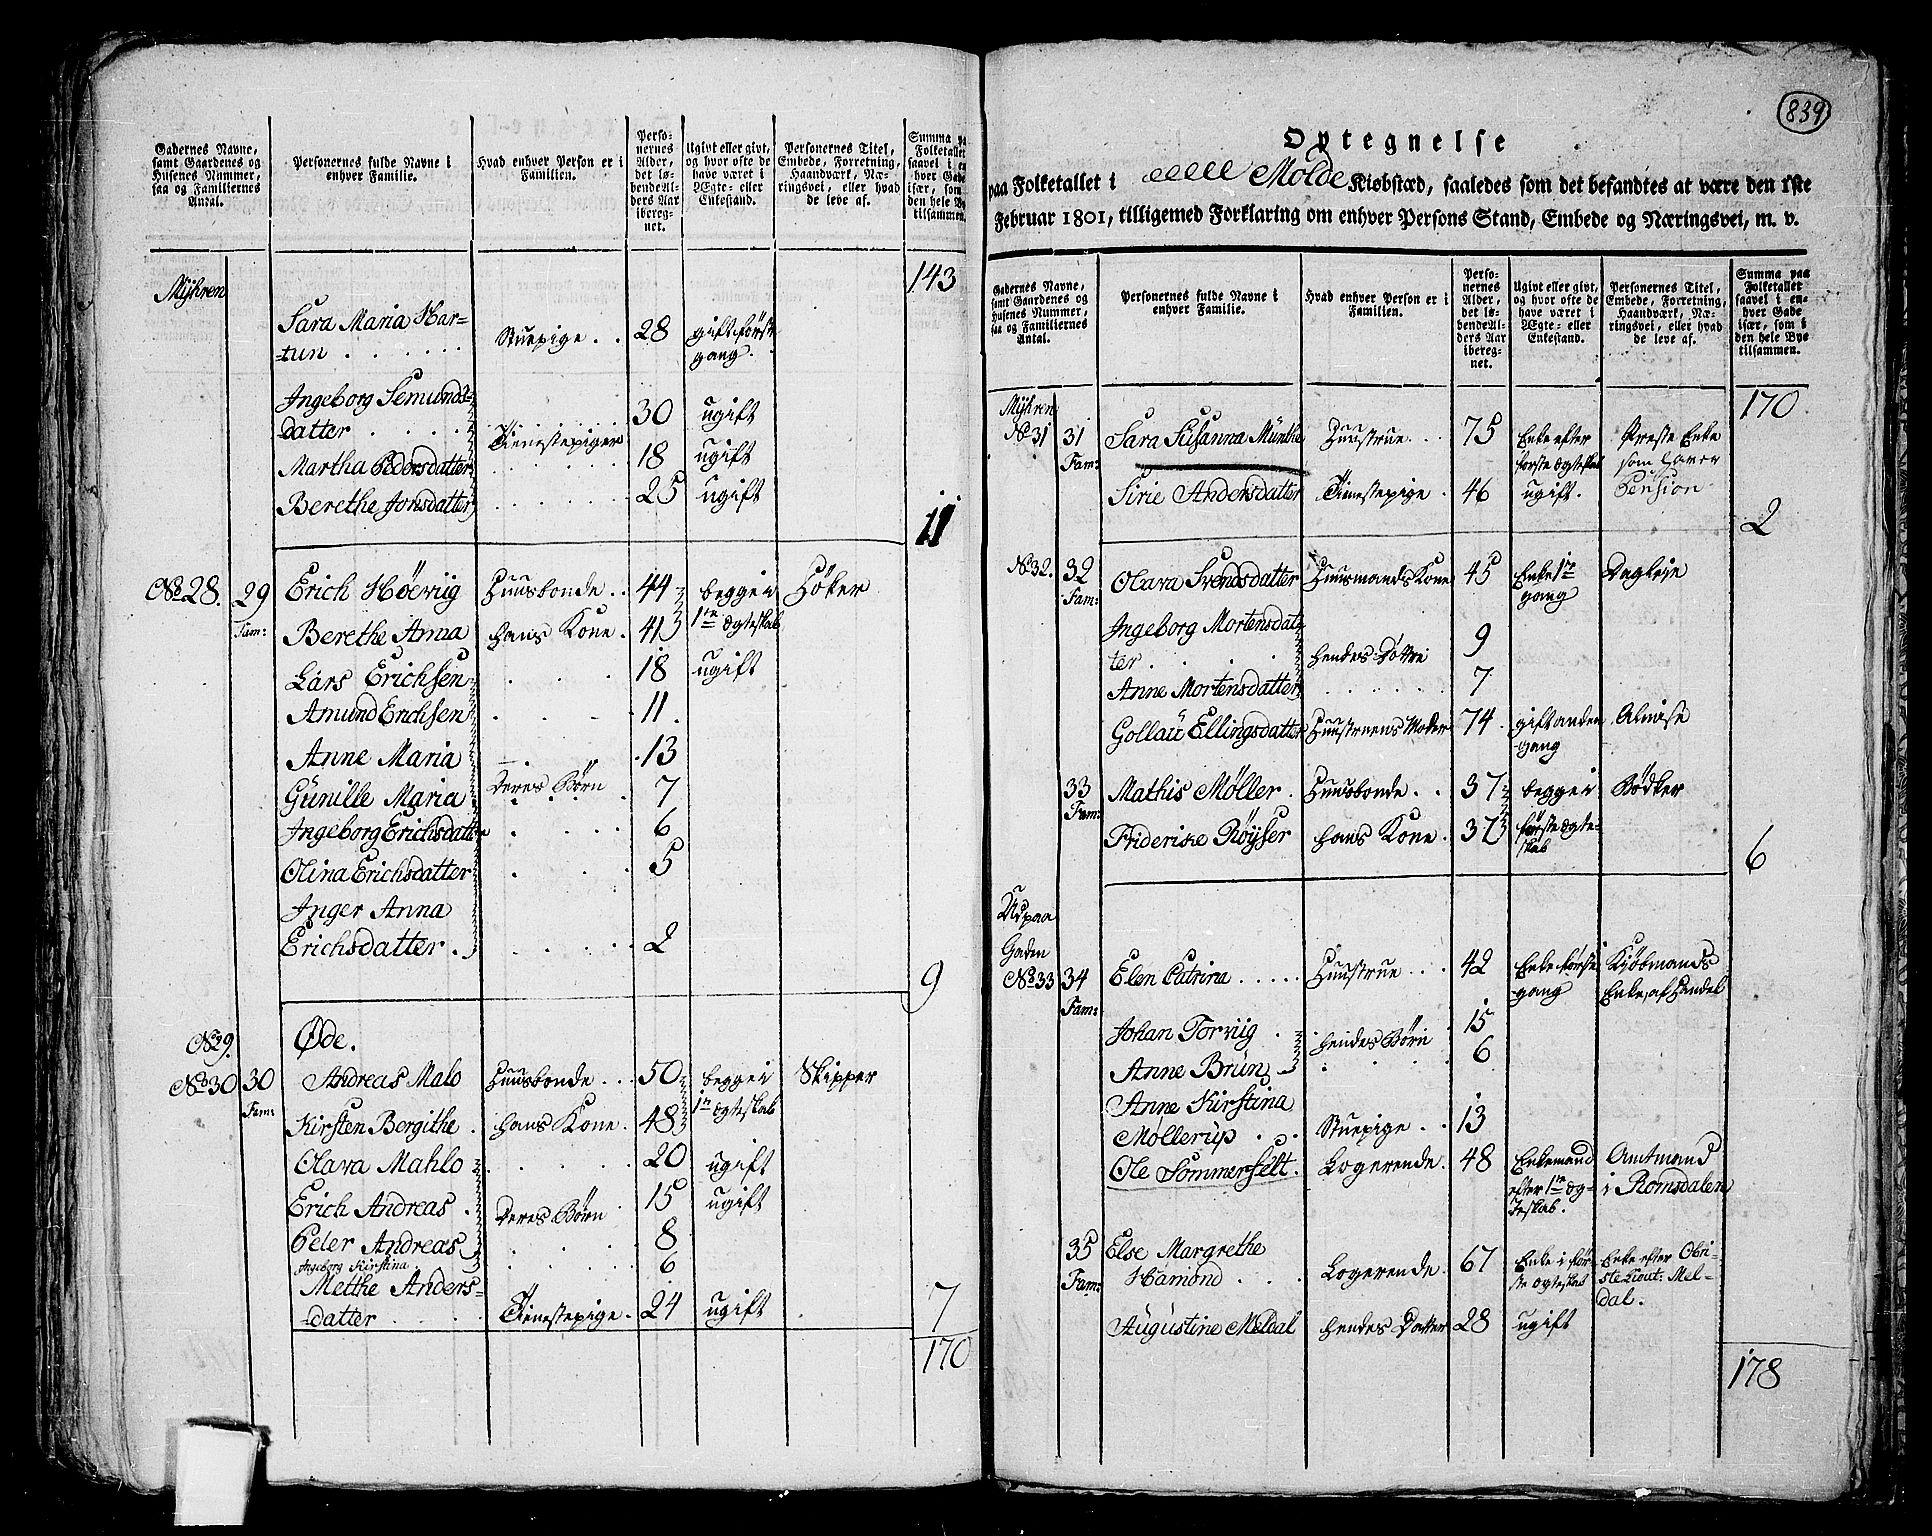 RA, Folketelling 1801 for 1544P Bolsøy prestegjeld, 1801, s. 838b-839a